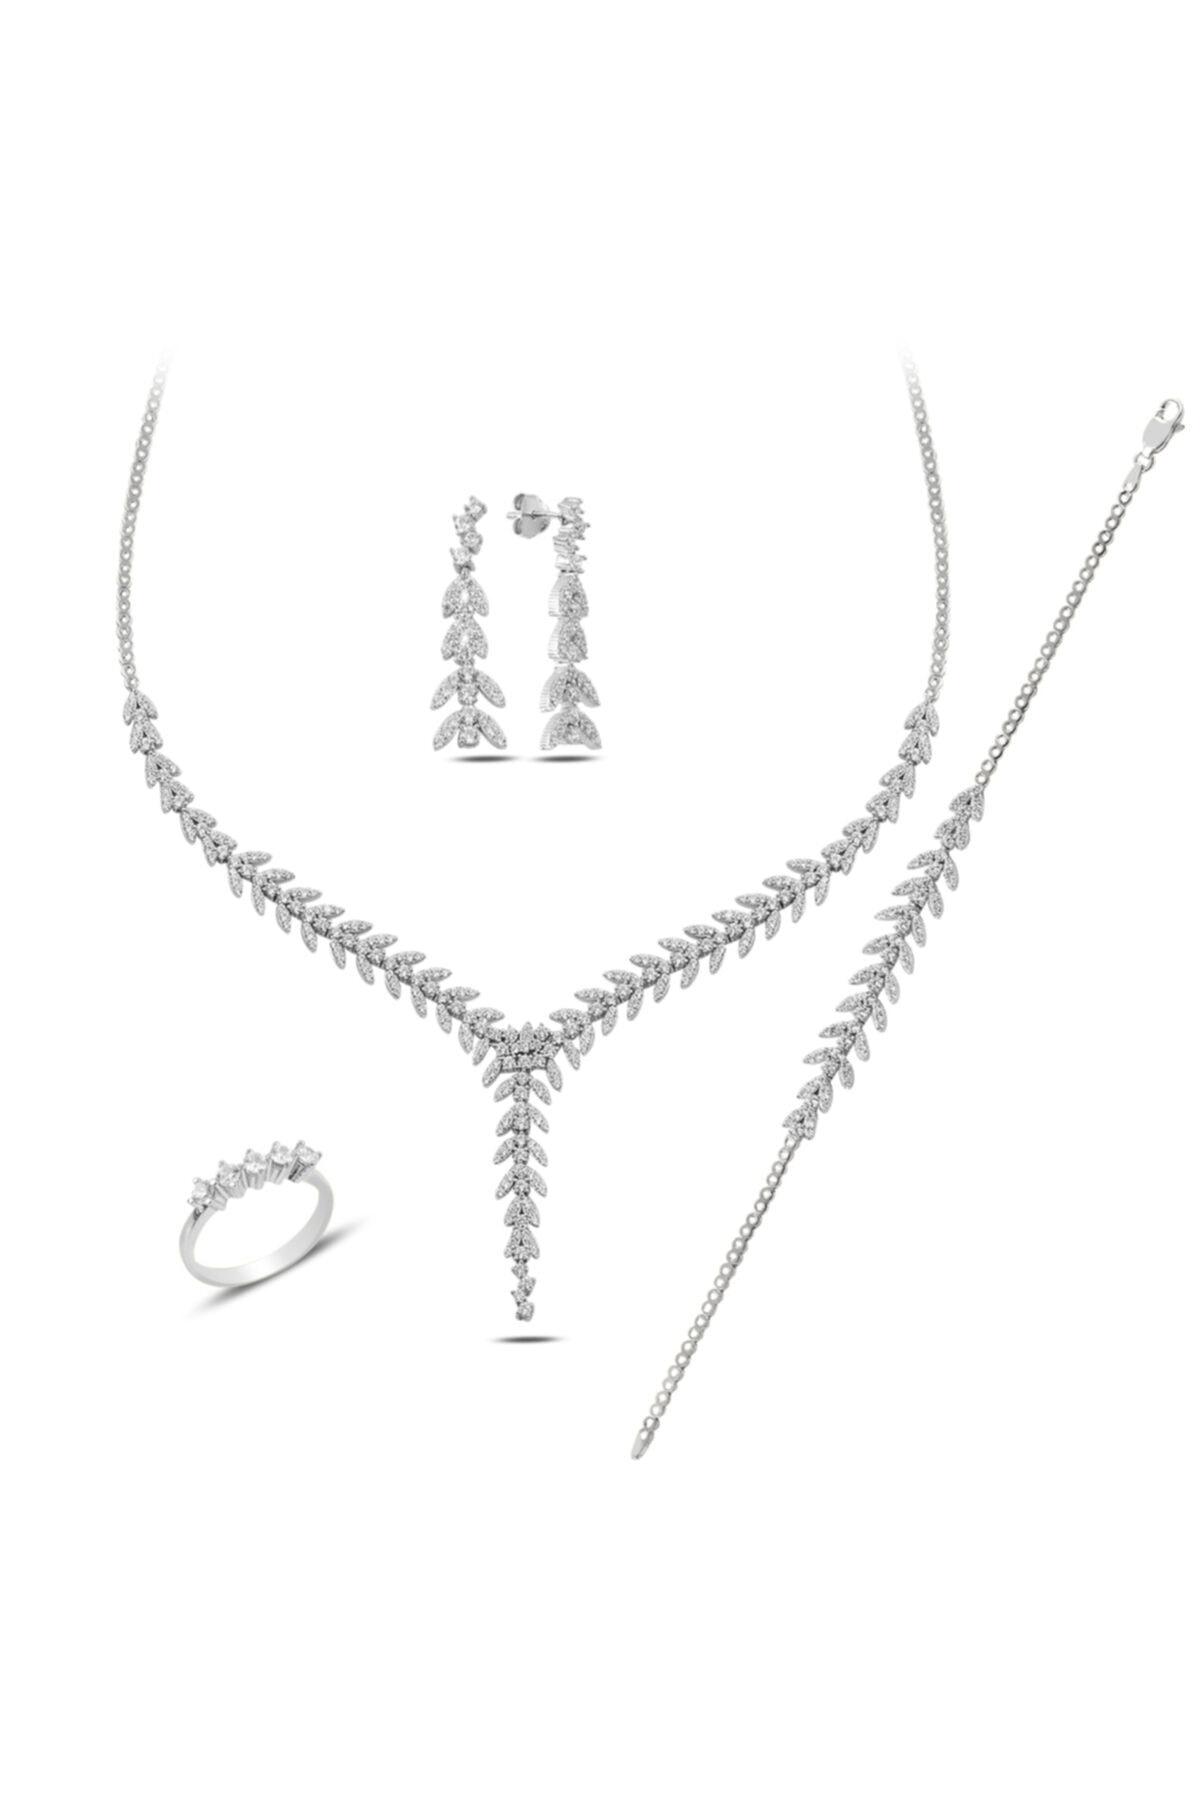 BARIŞ TAKI Kadın 925 Ayar Gümüş Salkım Pırlanta Montür 5 Taş Su Yolu Düğün Seti 2